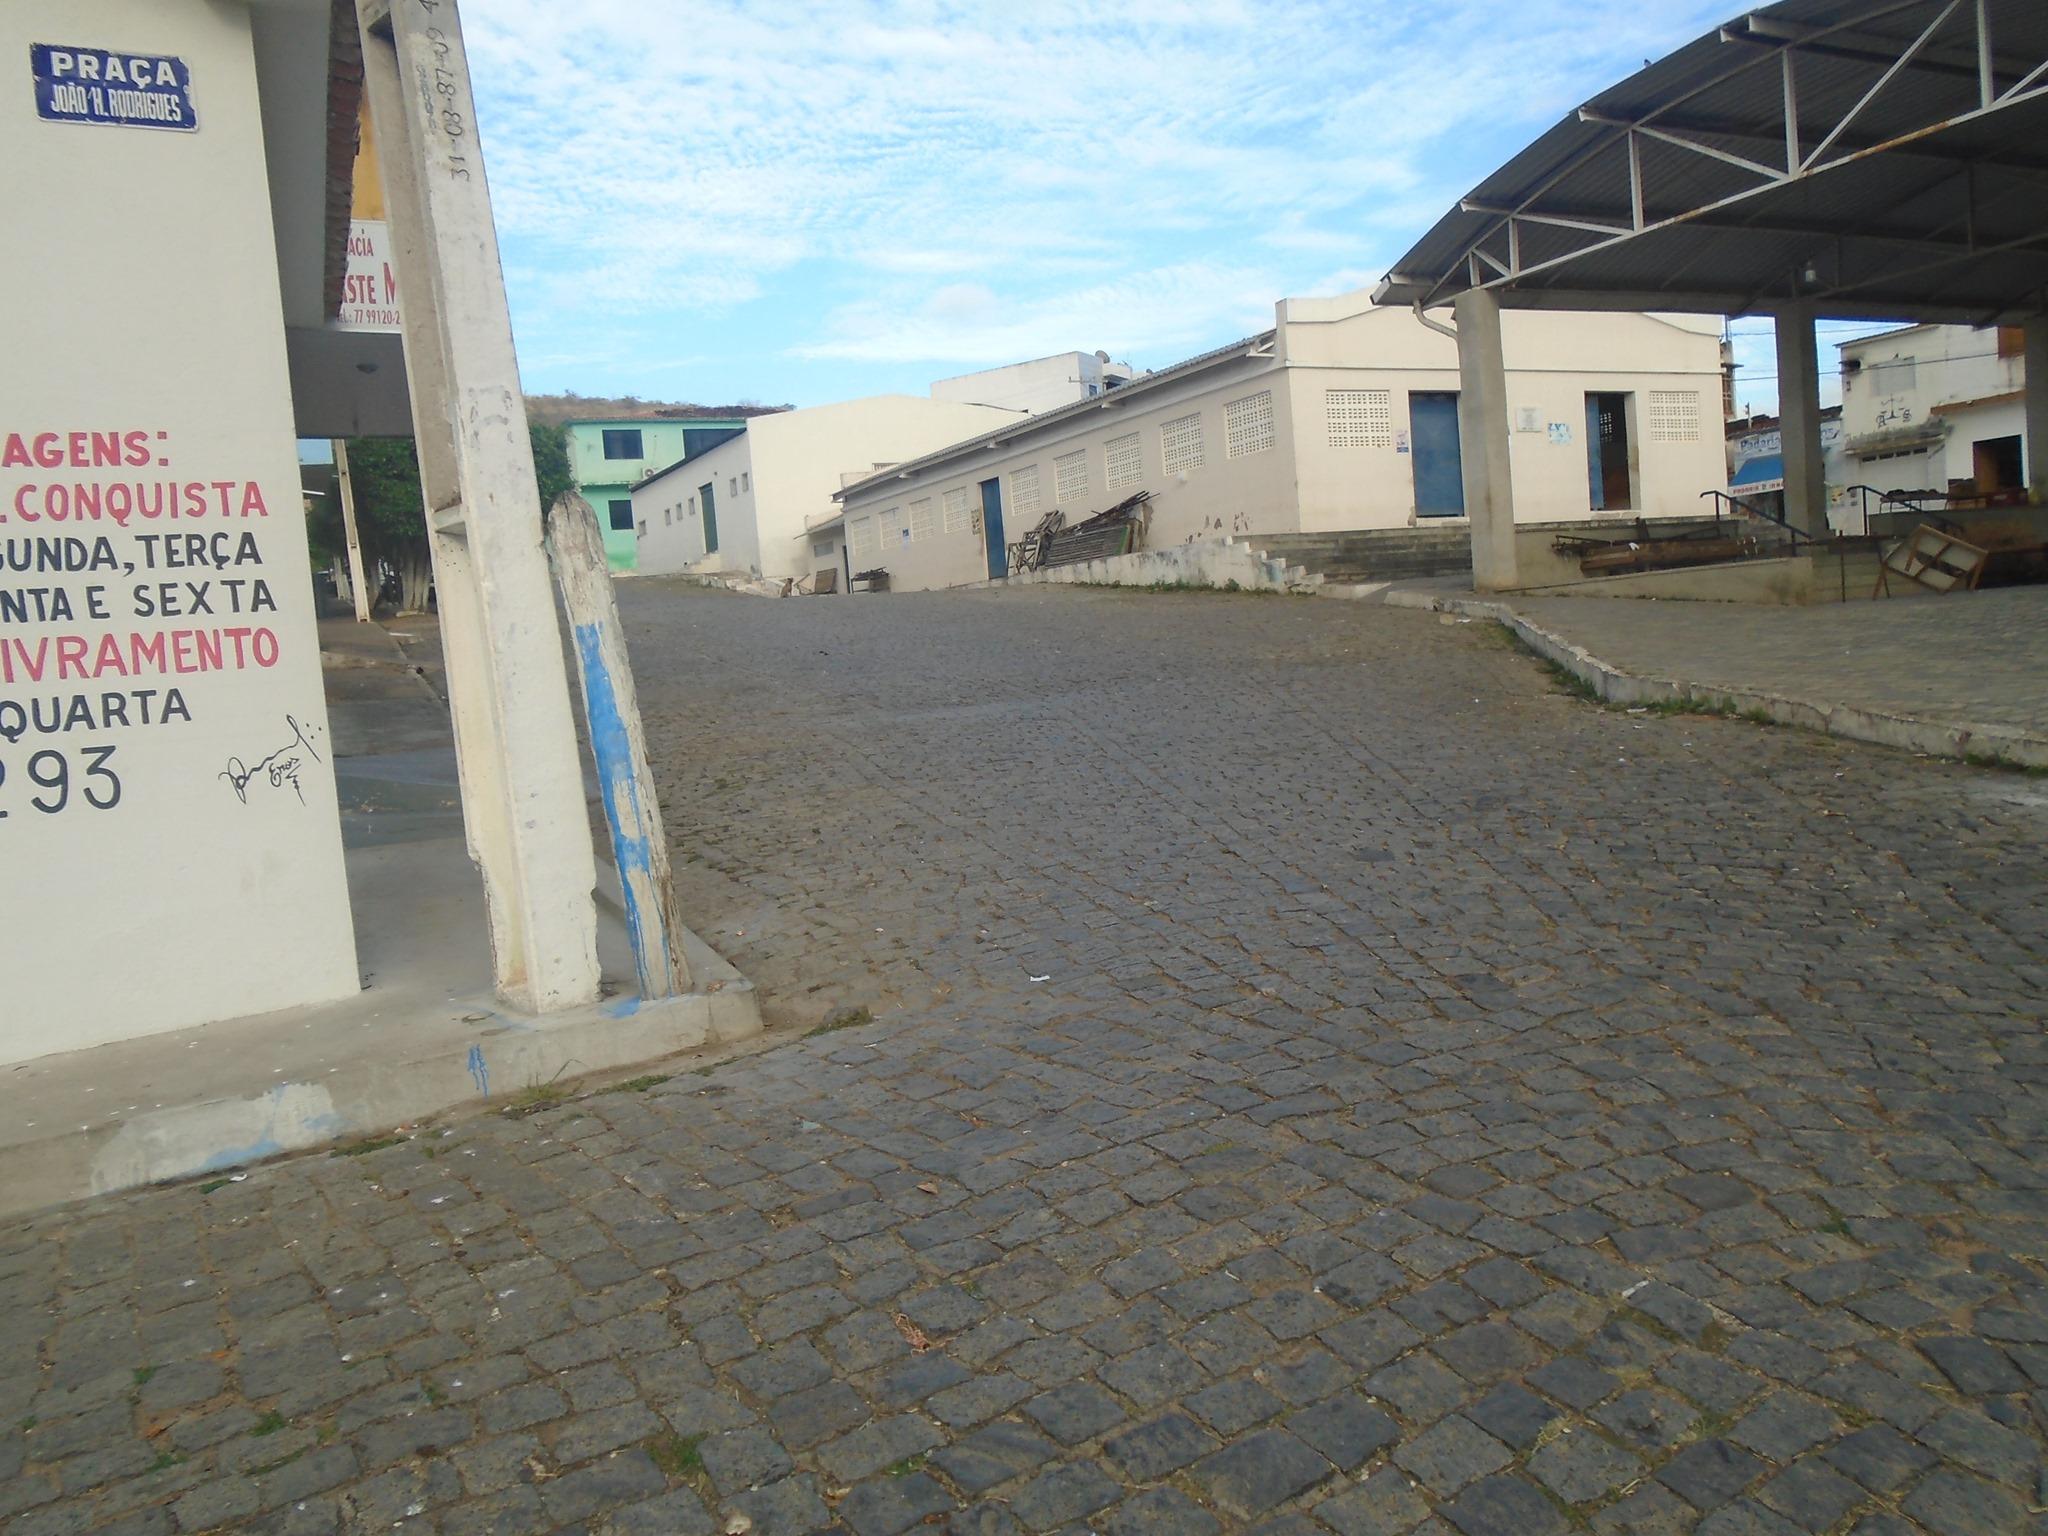 Fotos-uit-de-regio-van-Ibitiara-en-Seabra-aan-de-grote-BR-242-86